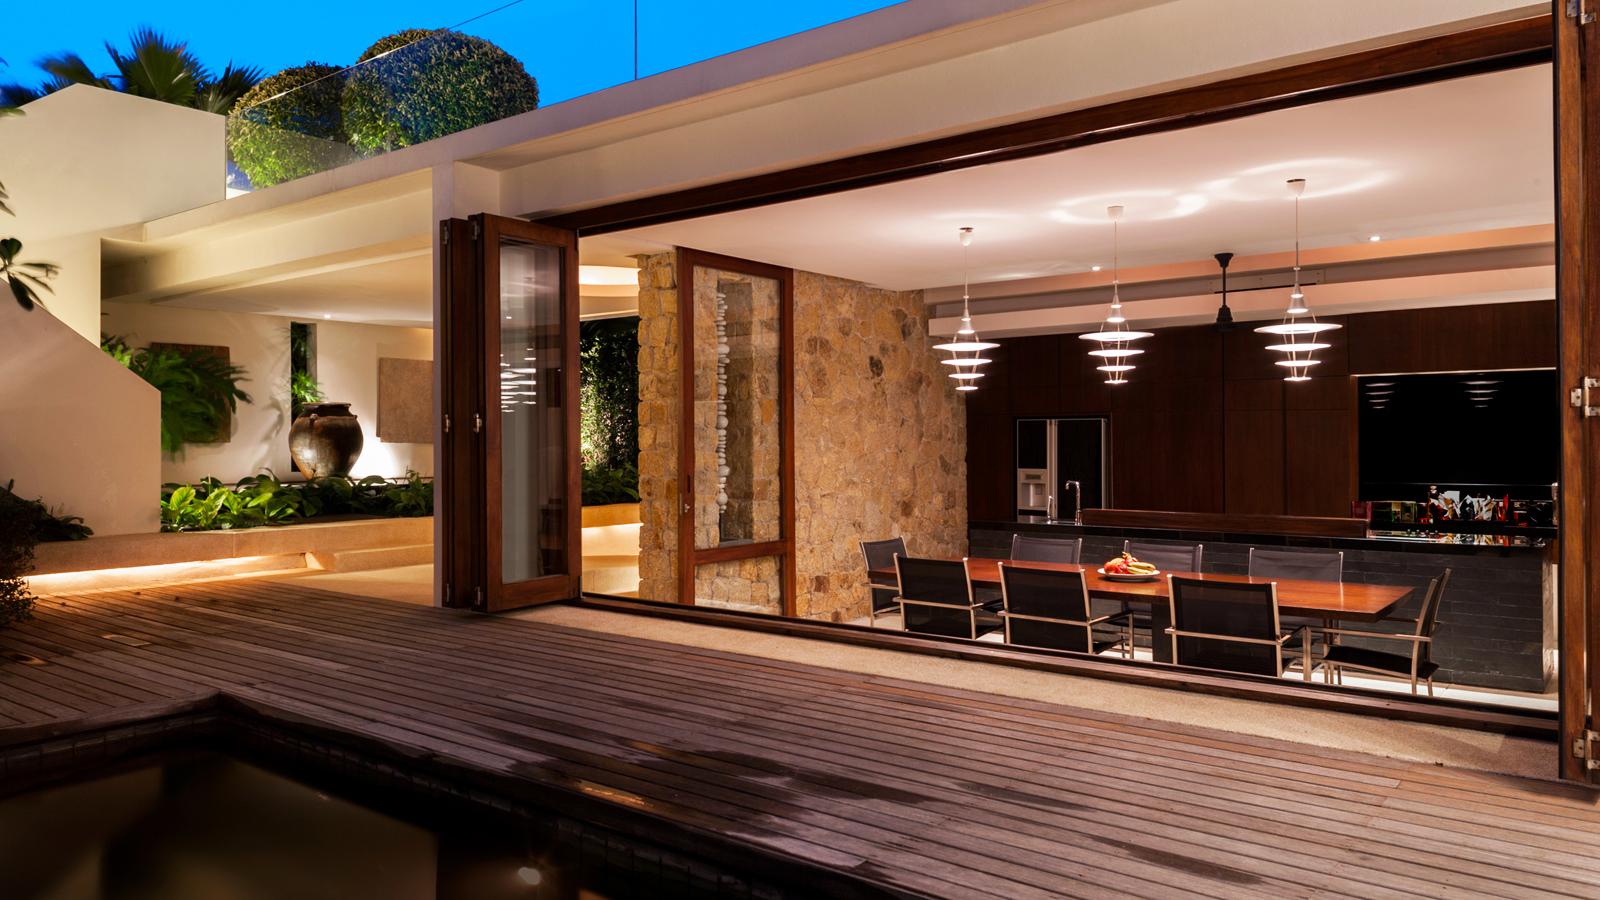 Hawaii S Top 5 Home Warranty Companies Hawaii Real Estate Market Trends Hawaii Life